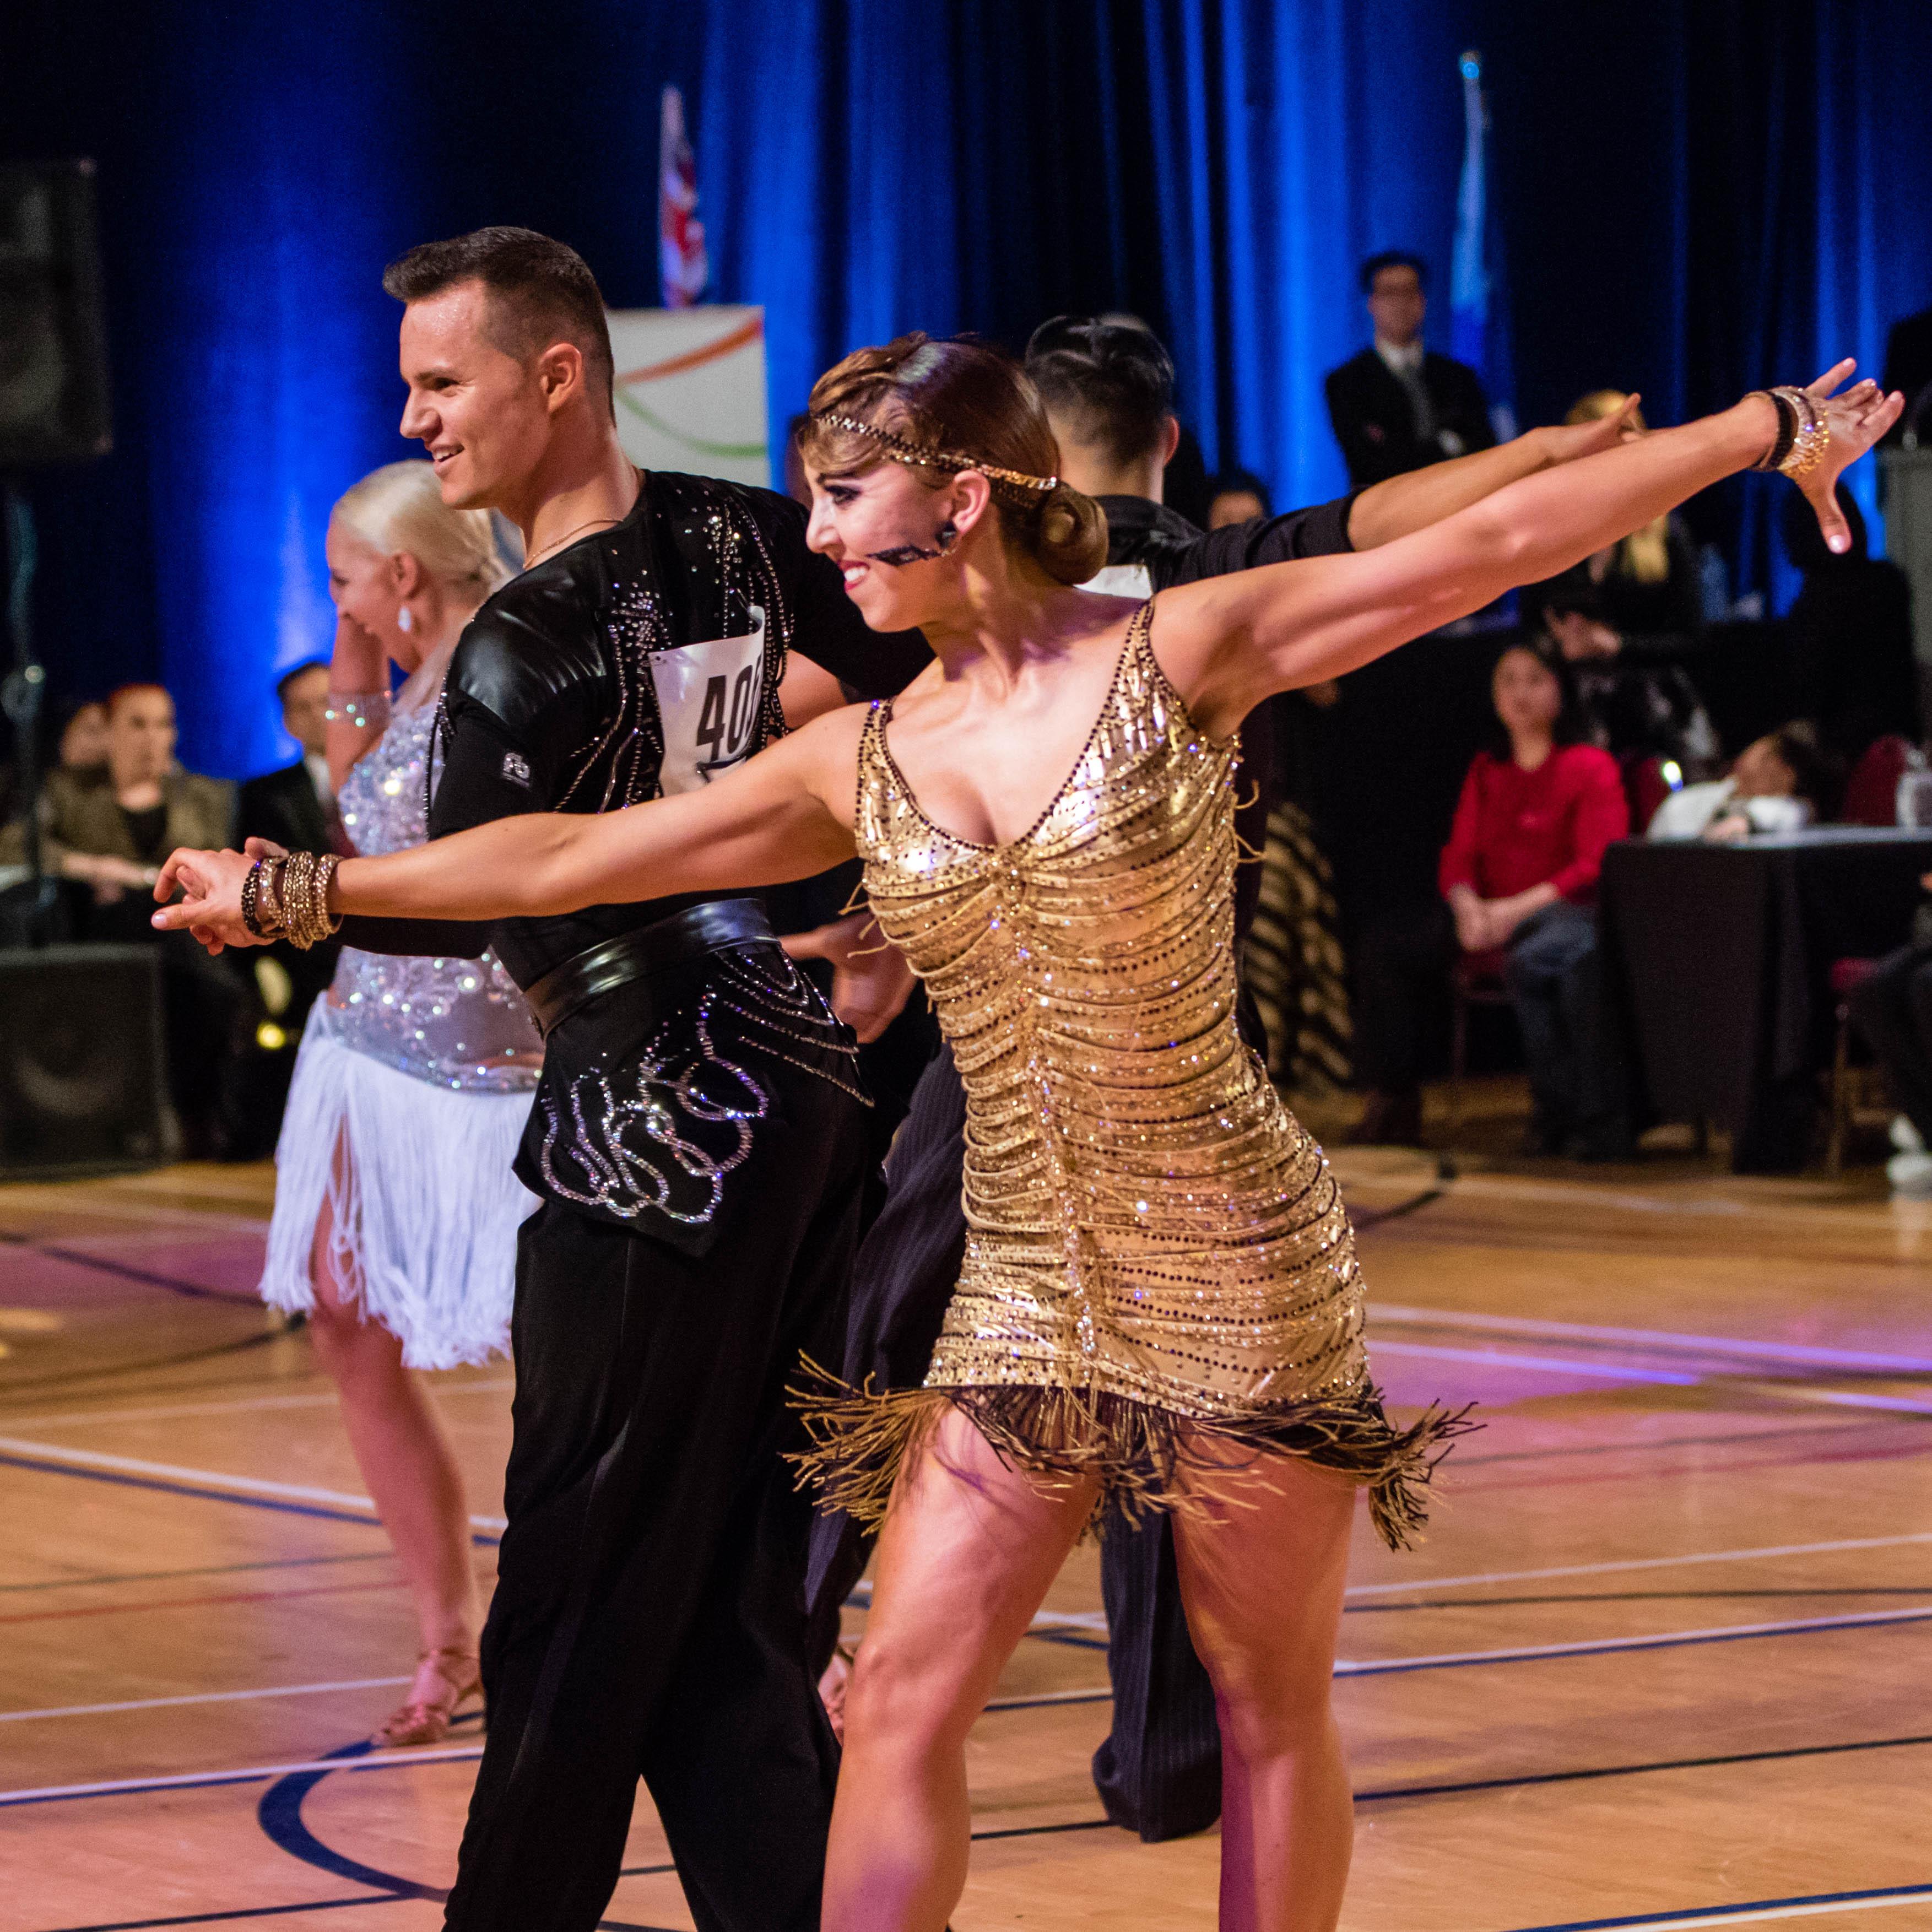 Sarah-Maude Thibaudeau et Daniel Zaharia - Danse Sportive Latin